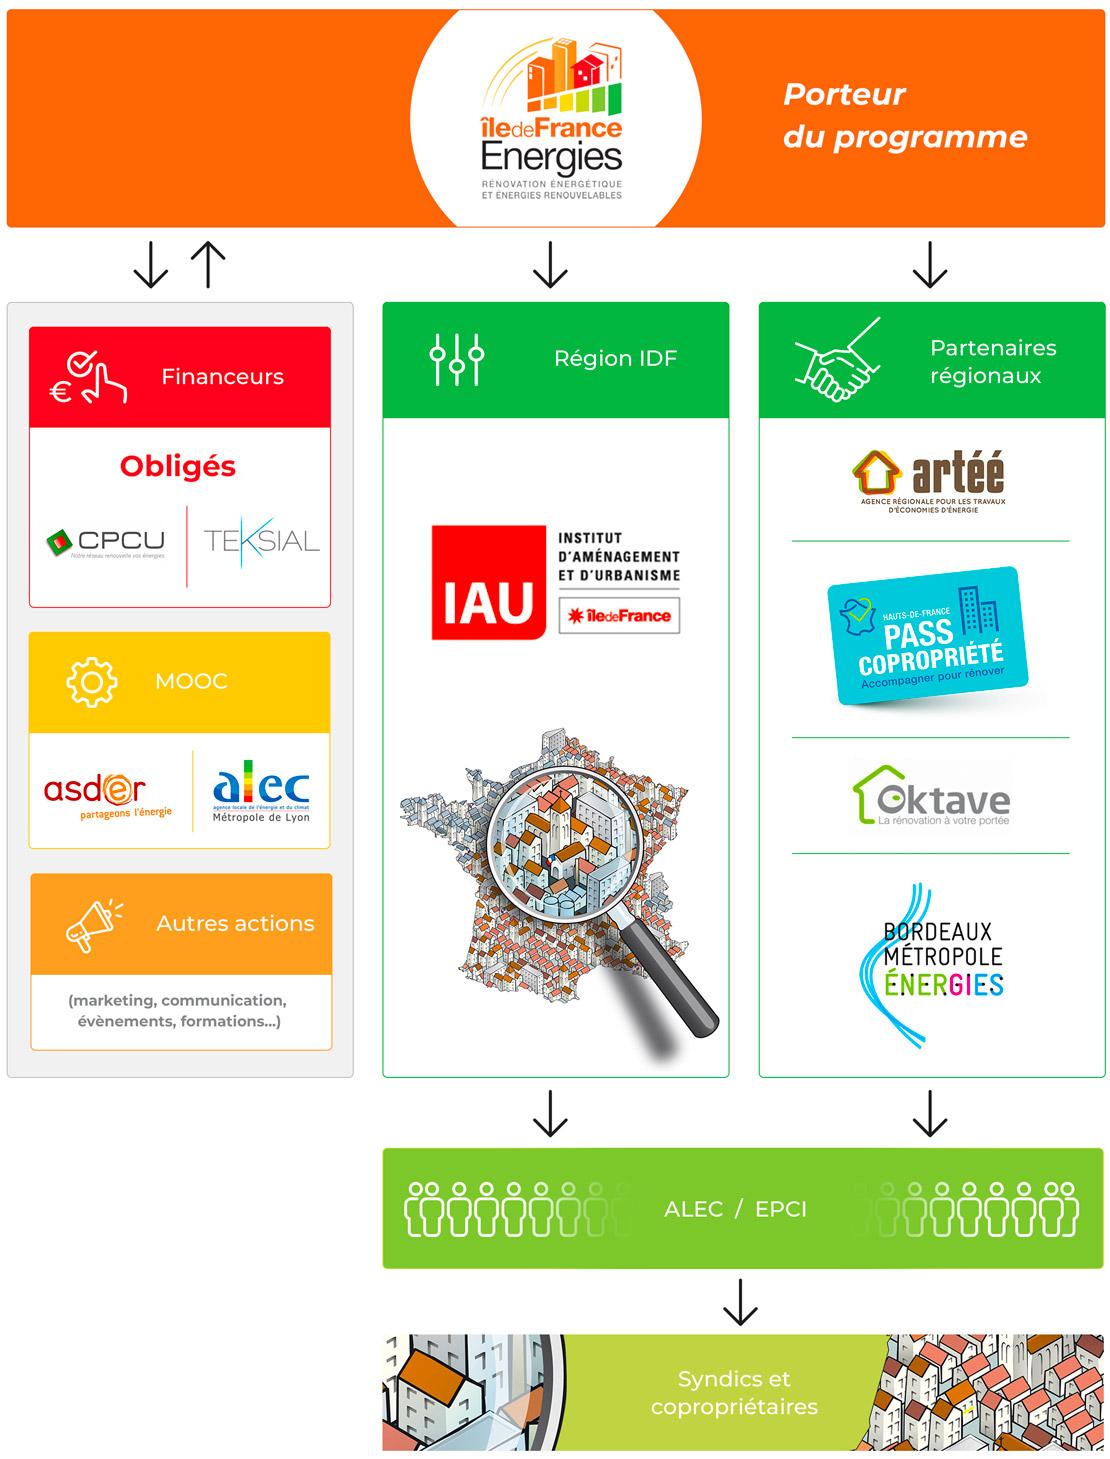 iledefranceenergies-recif-partenaires